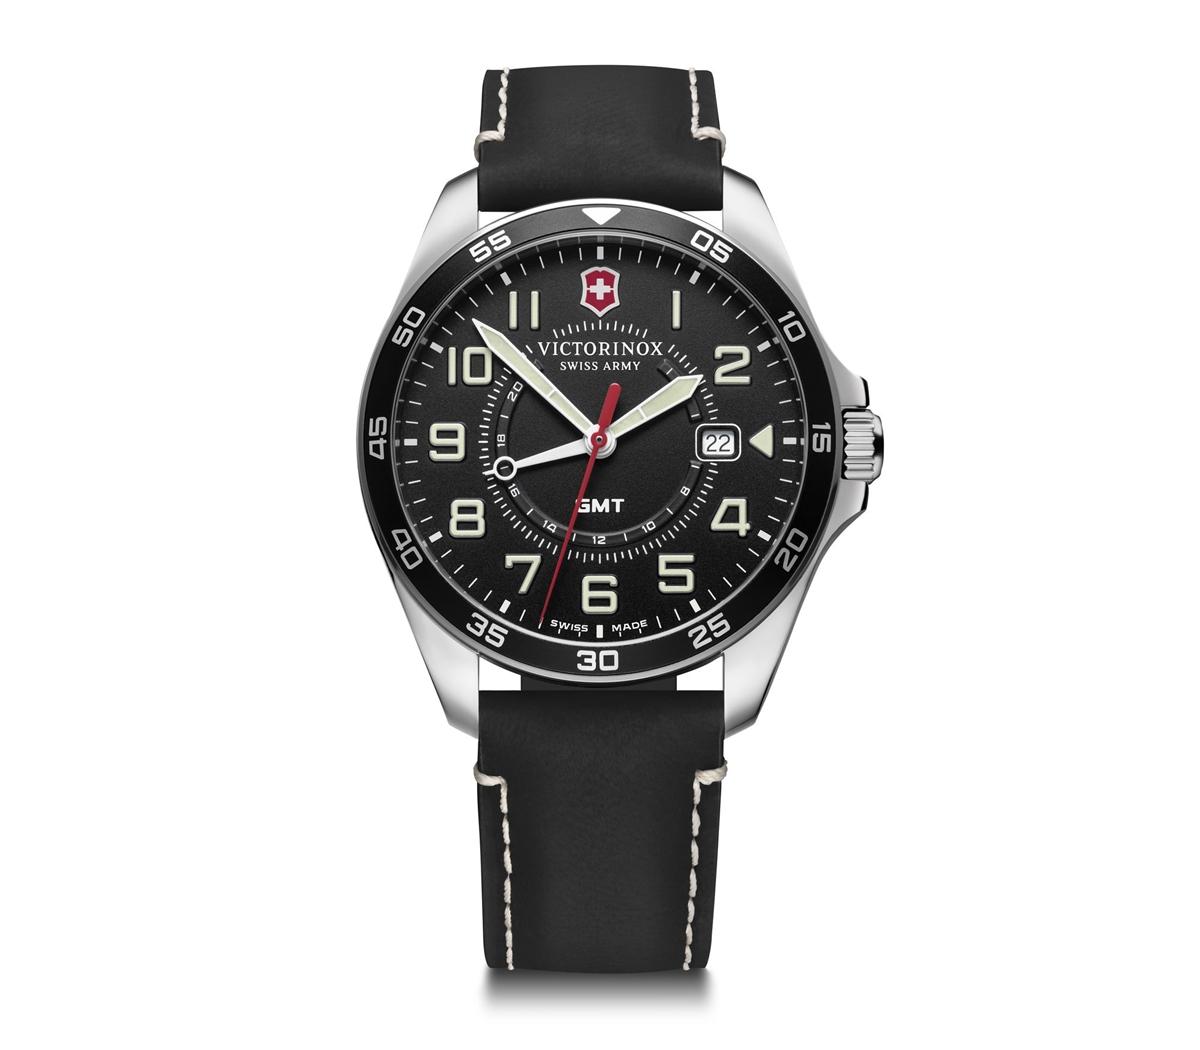 正規品 送料無料 クォーツ 上品 メンズ GMT ビクトリノックス VICTORINOX ブラックダイヤル フィールドフォースGMT 腕時計 241895 即納最大半額